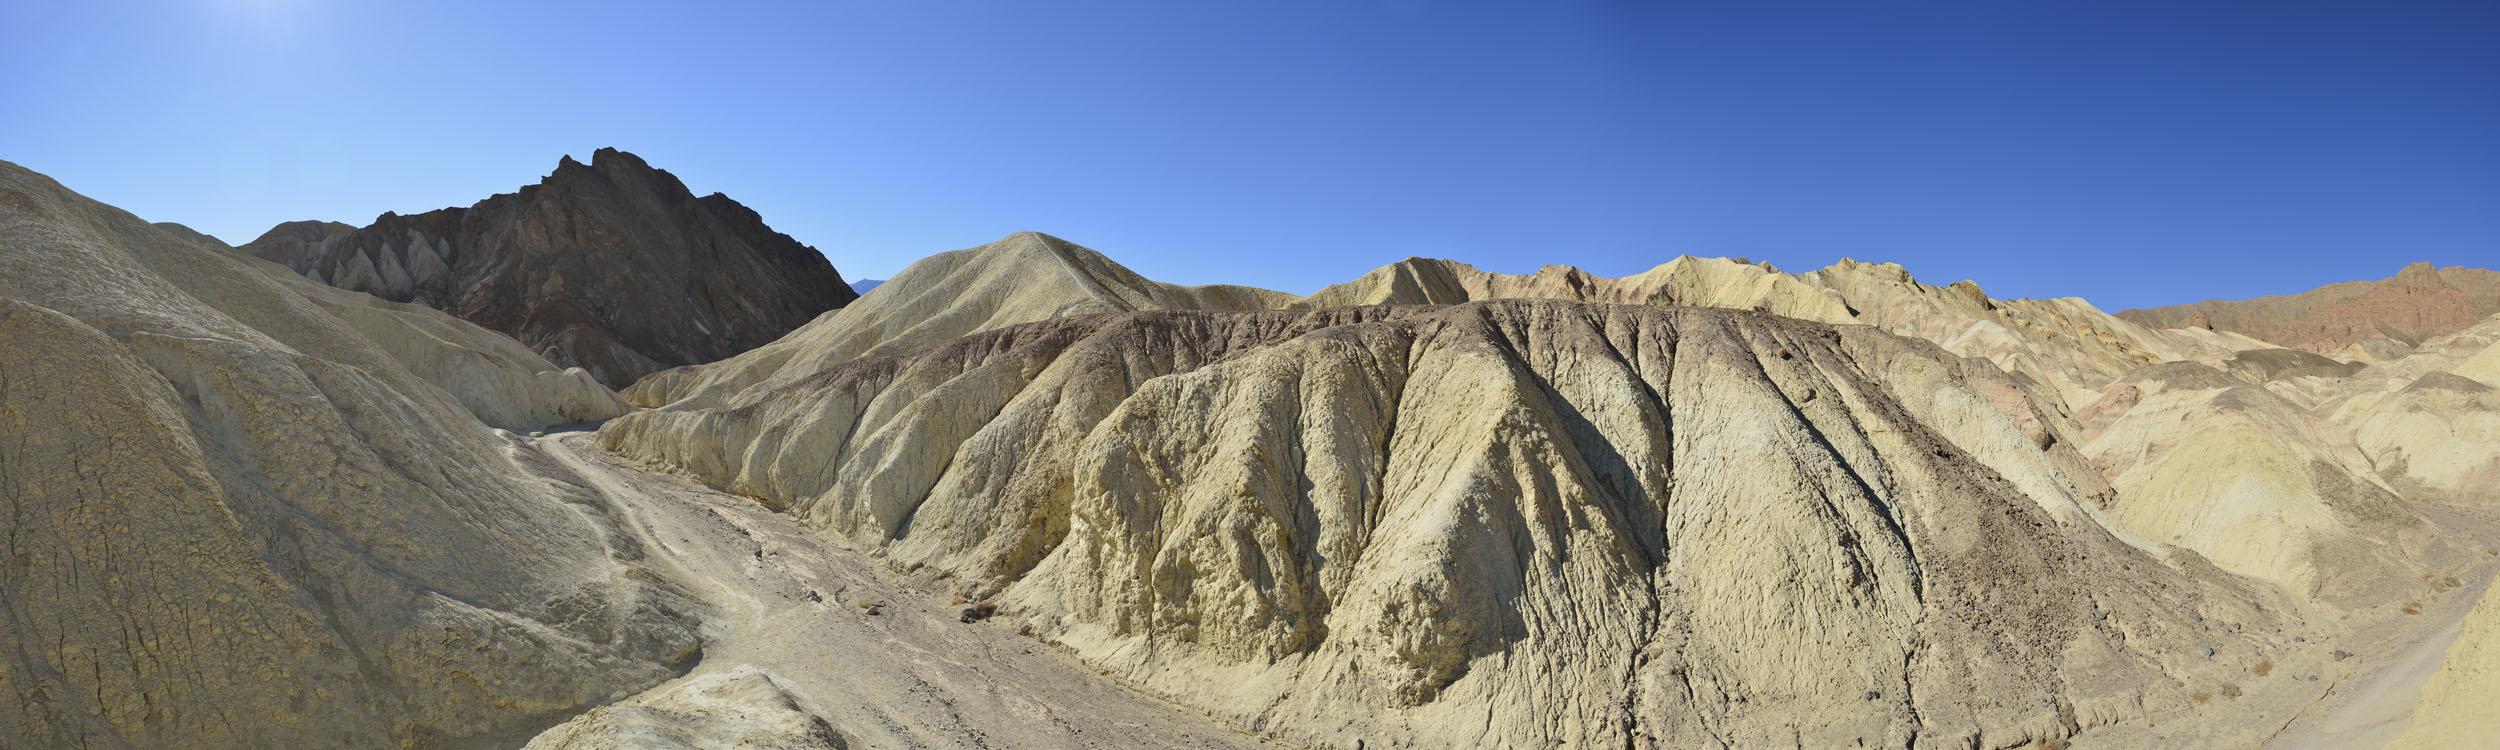 Zabriskee Point, Death ValleyNP